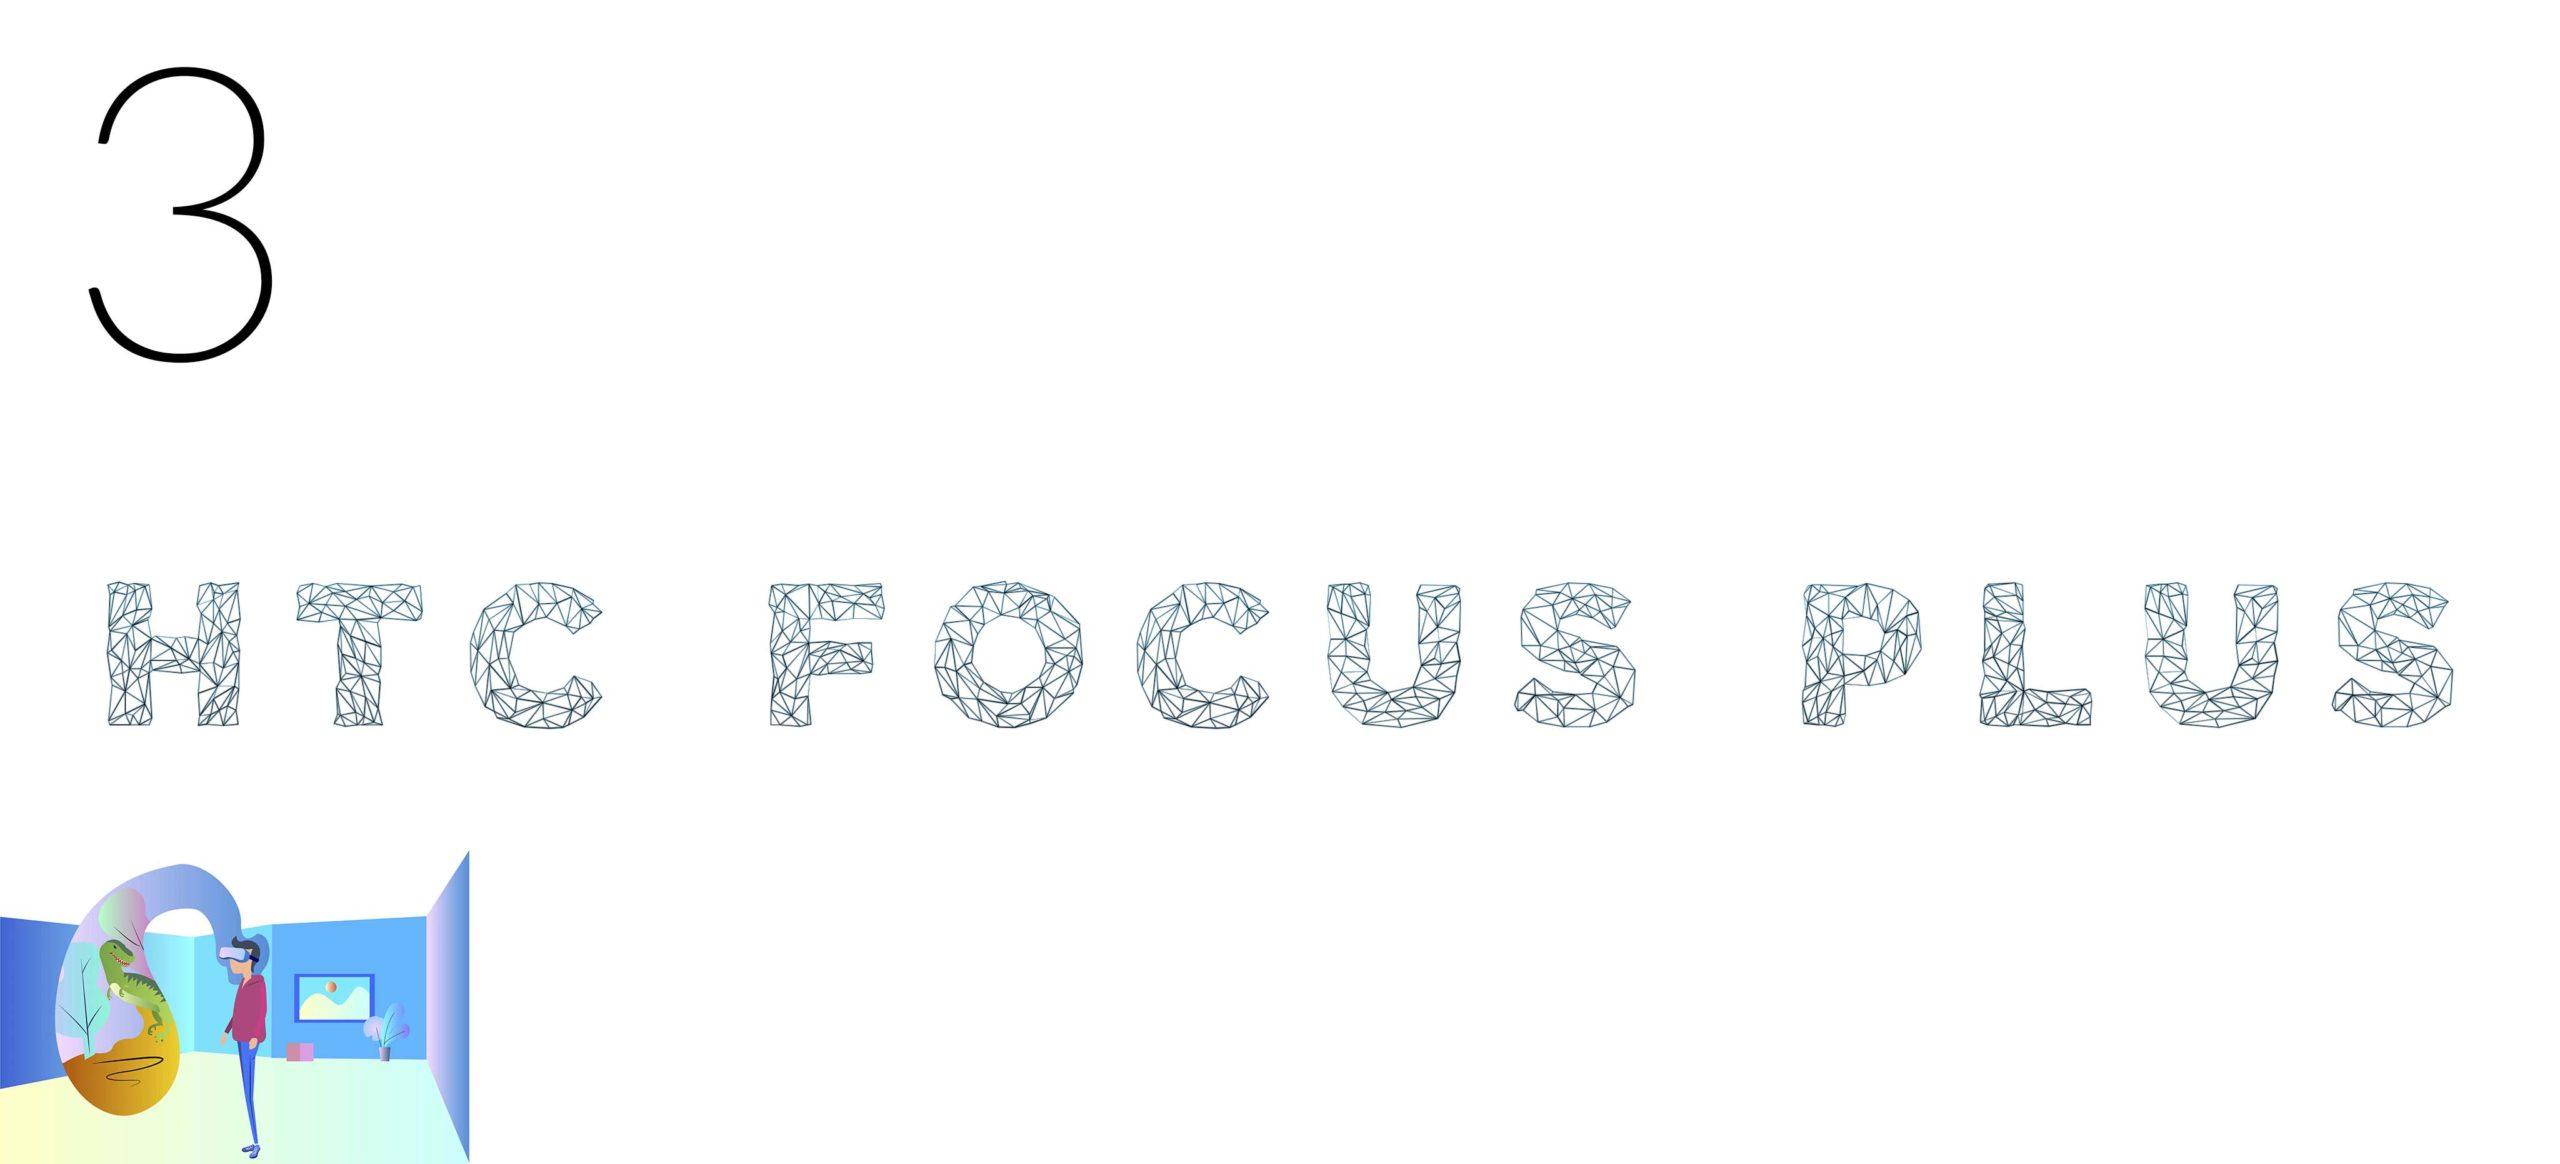 3 HTC Focus Plus